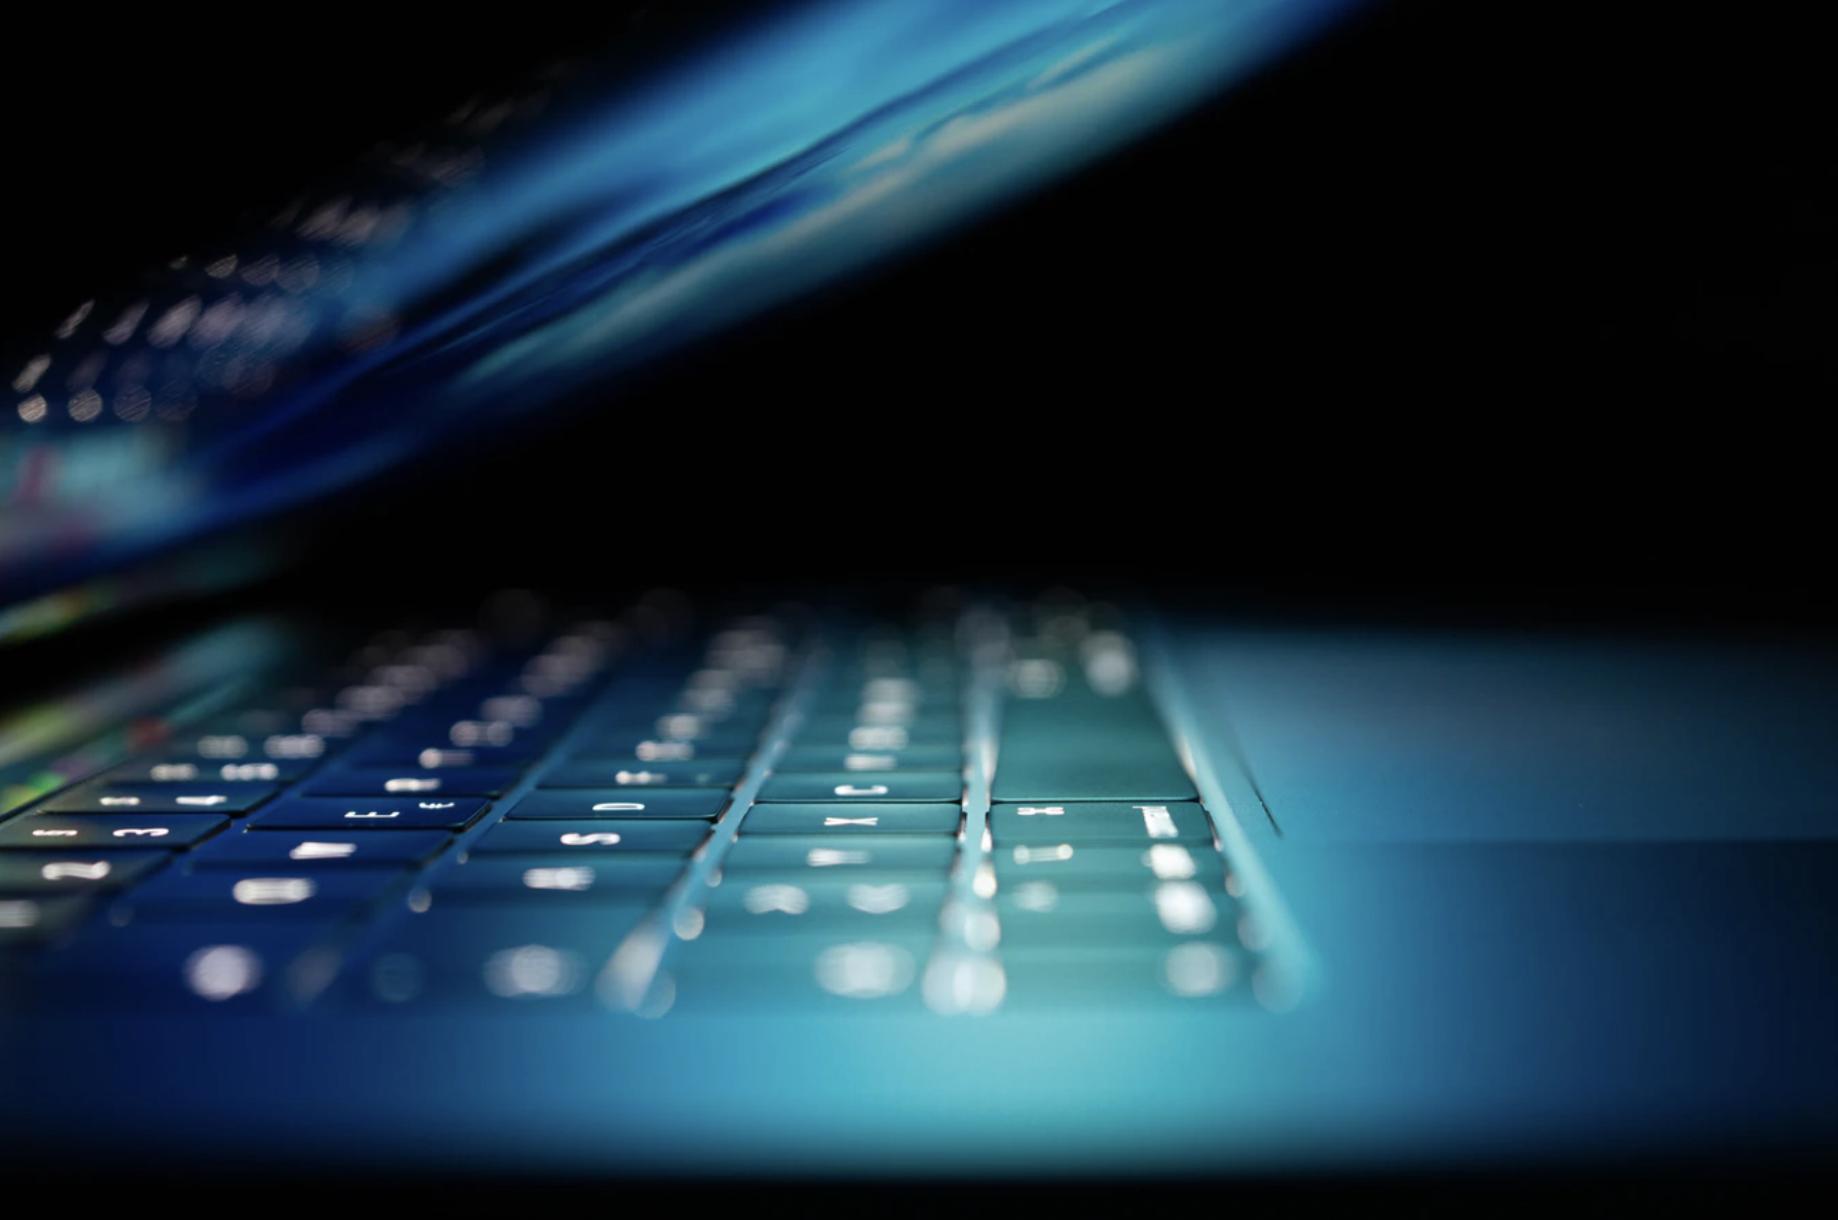 Fortinet rozszerza ofertę usług zapewniających bezpieczeństwo cyfrowej infrastruktury